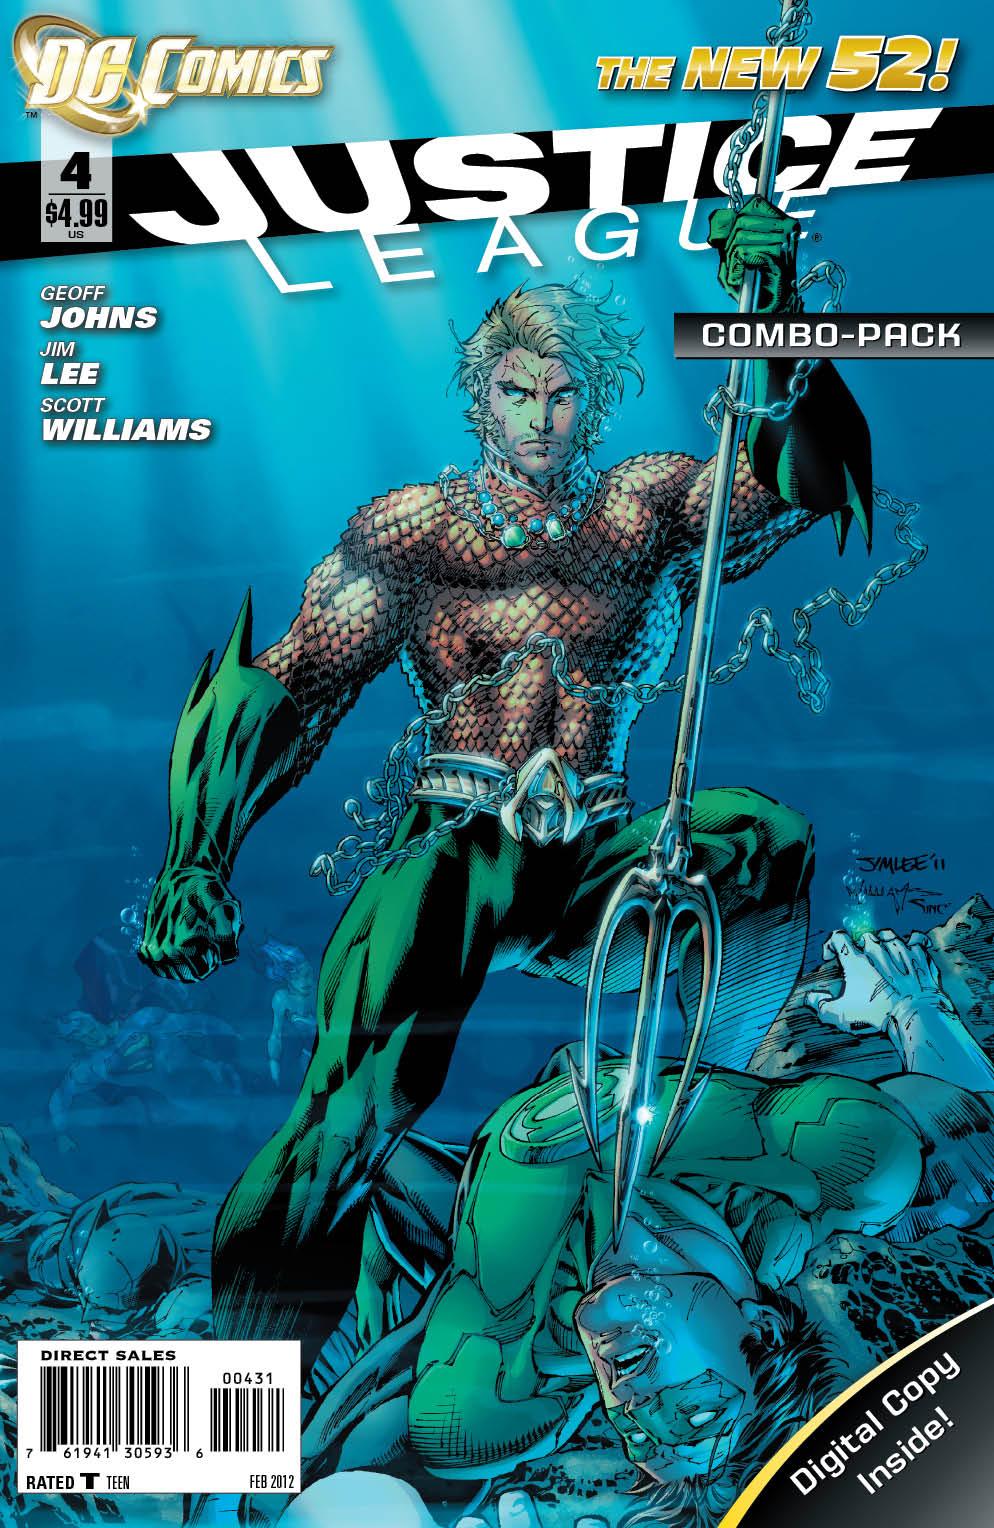 https://vignette.wikia.nocookie.net/aquaman/images/9/90/Justice_League_Vol_2-4_Cover-4.jpg/revision/latest?cb=20120128234302